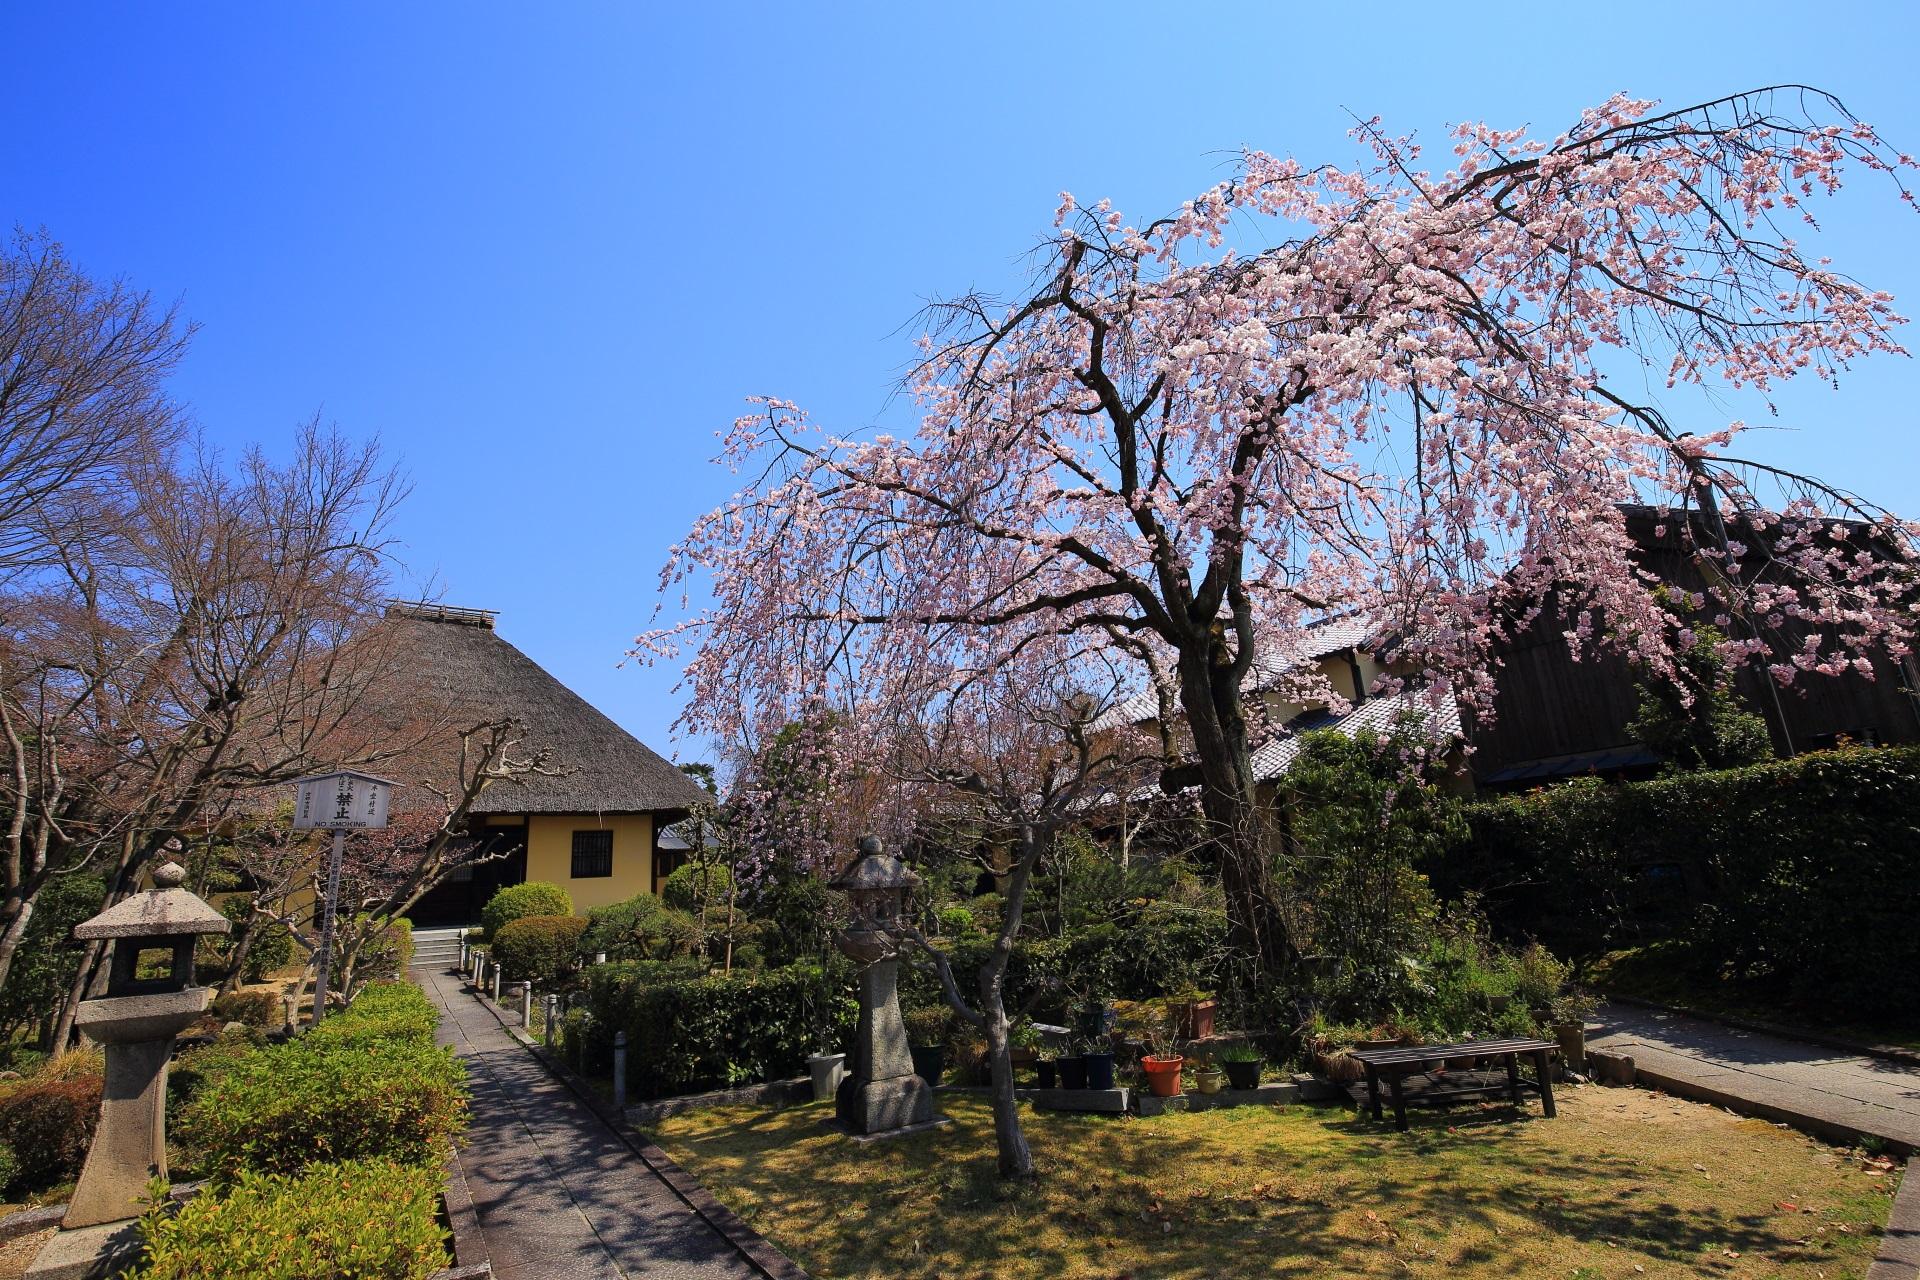 見事なしだれ桜が咲き誇る境内